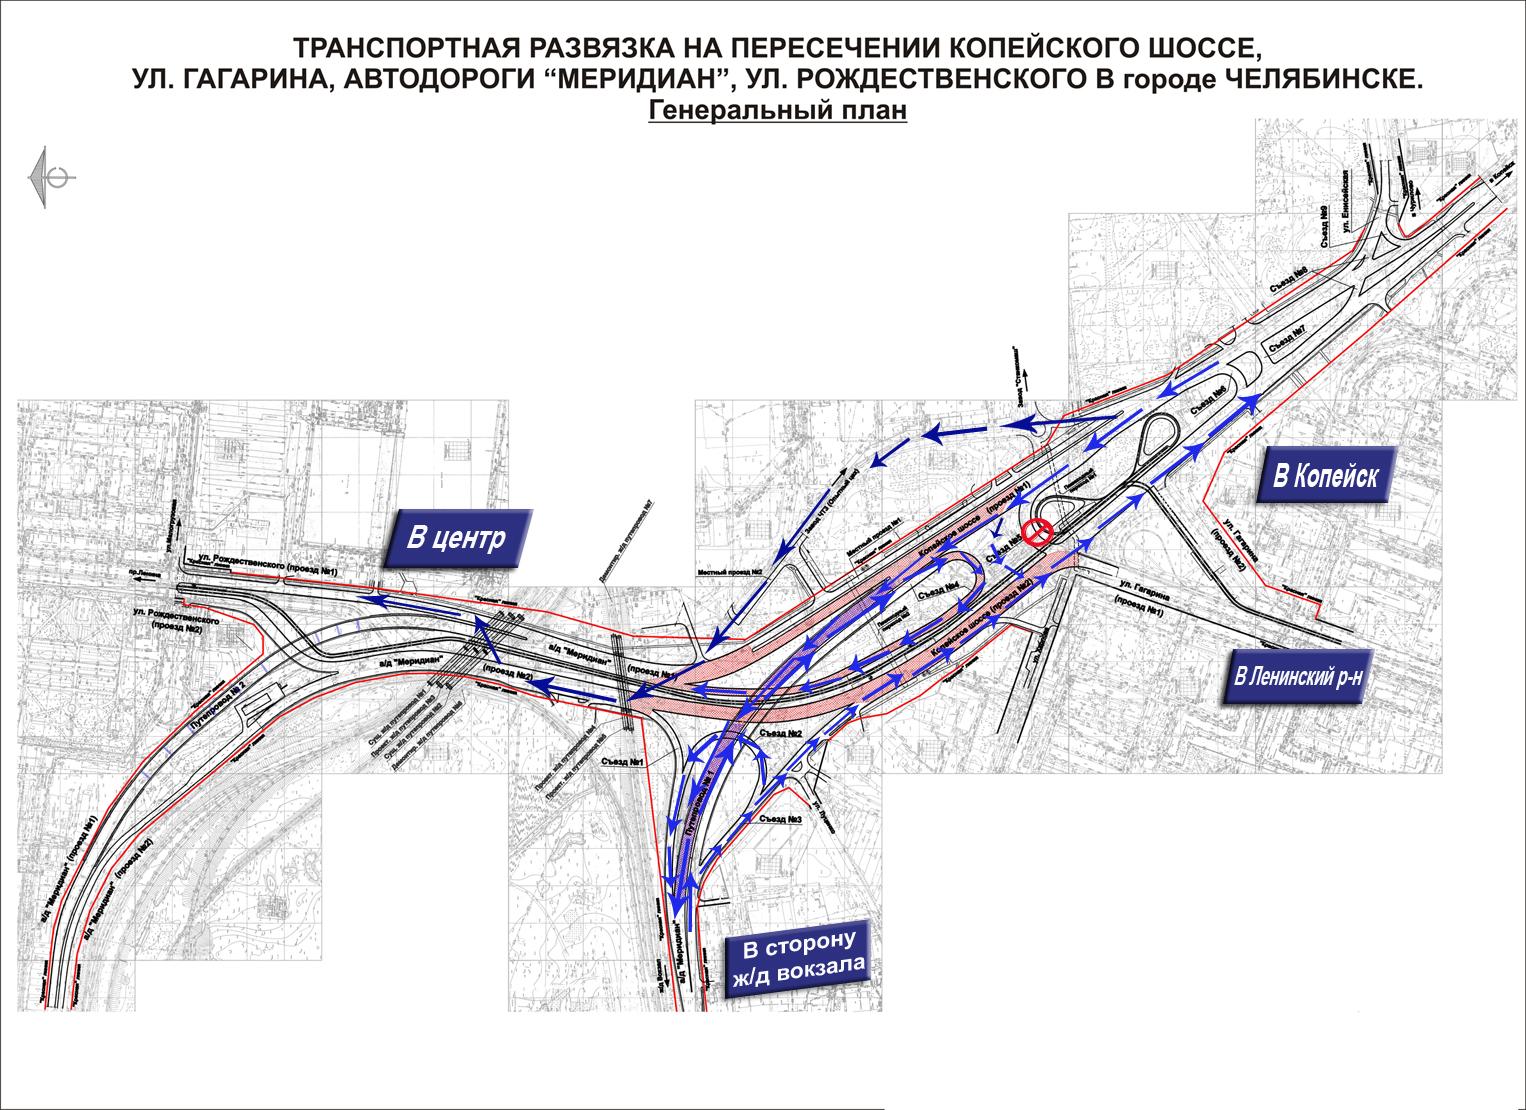 Схема железнодорожной развязки